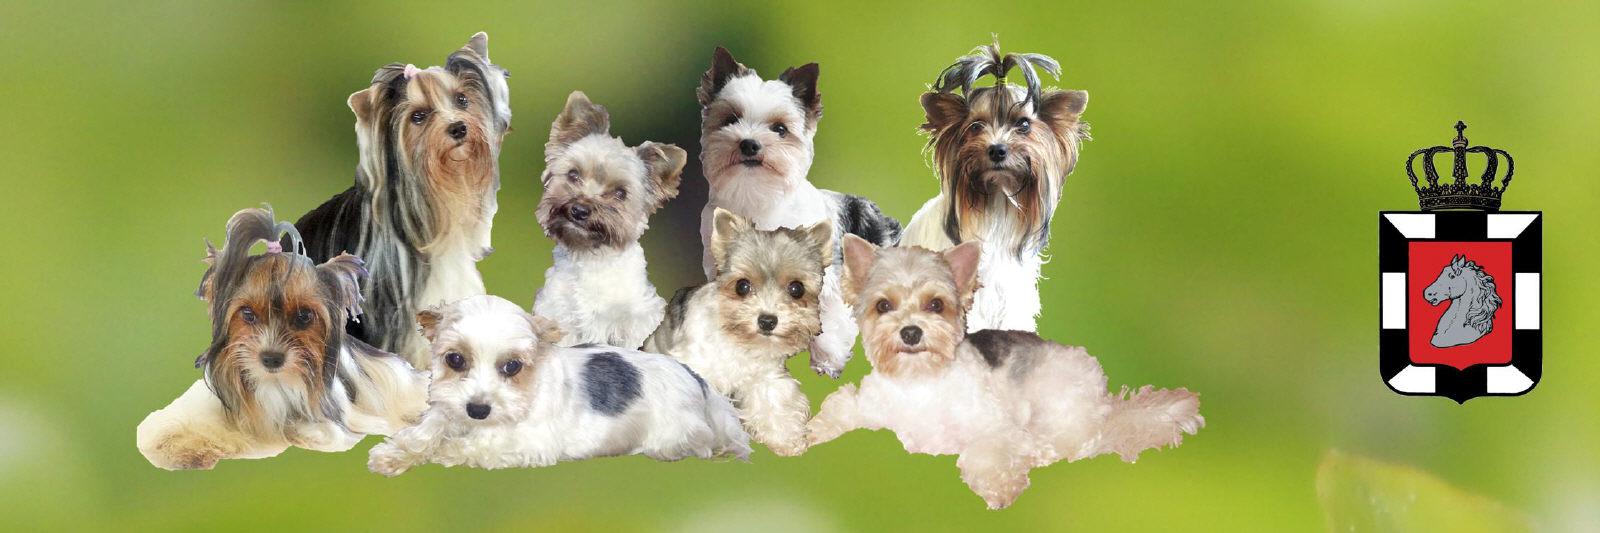 Tipps Zur Pflege Ihres Hundes